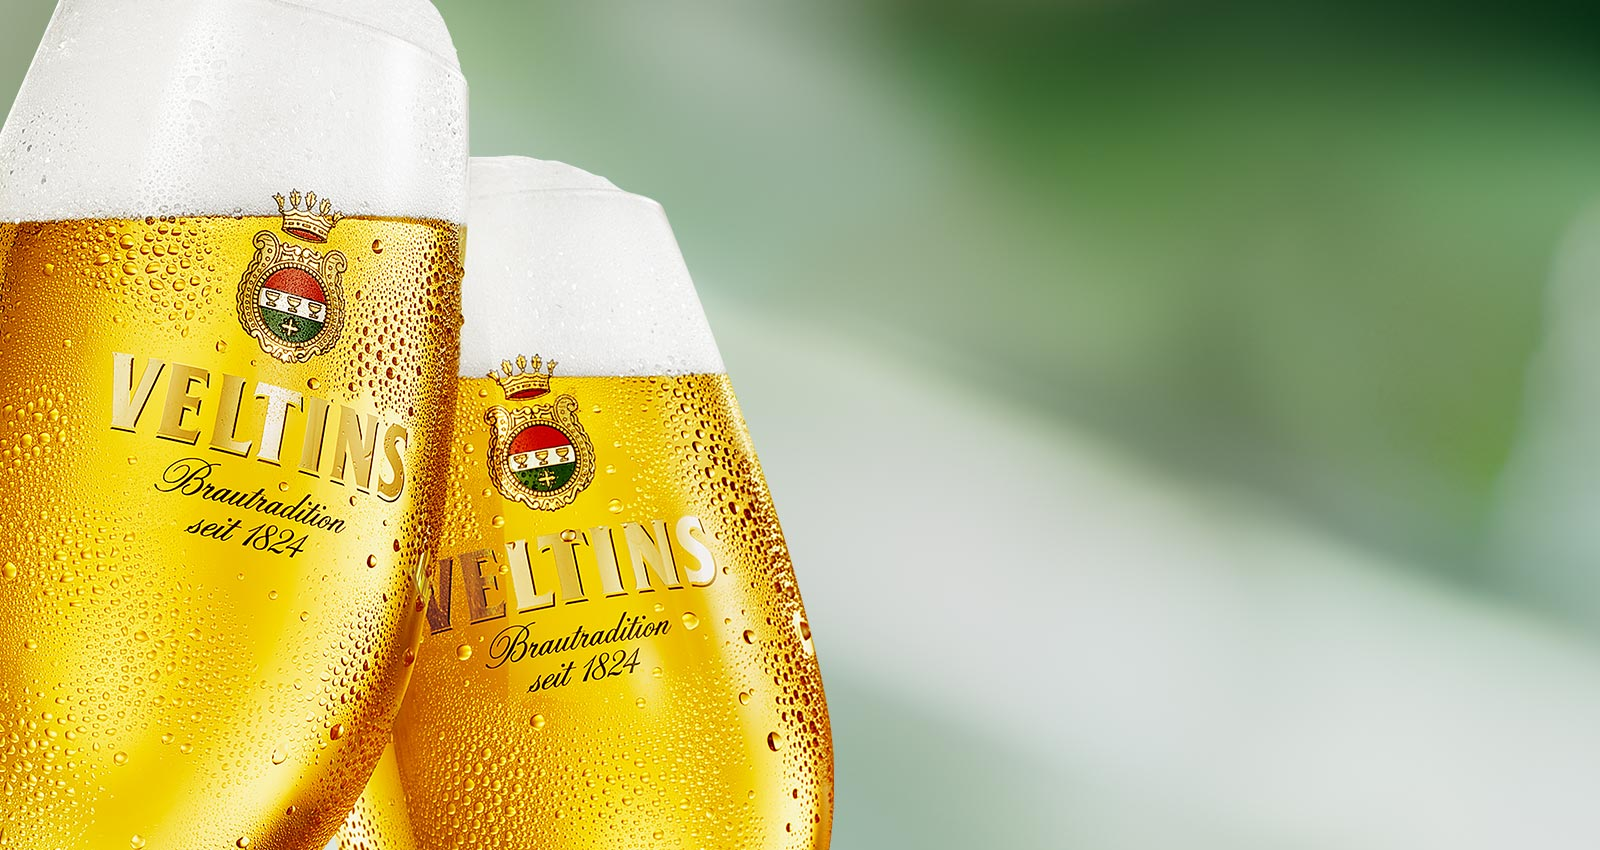 Frisches VELTINS - Leidenschaft ist unser Bier